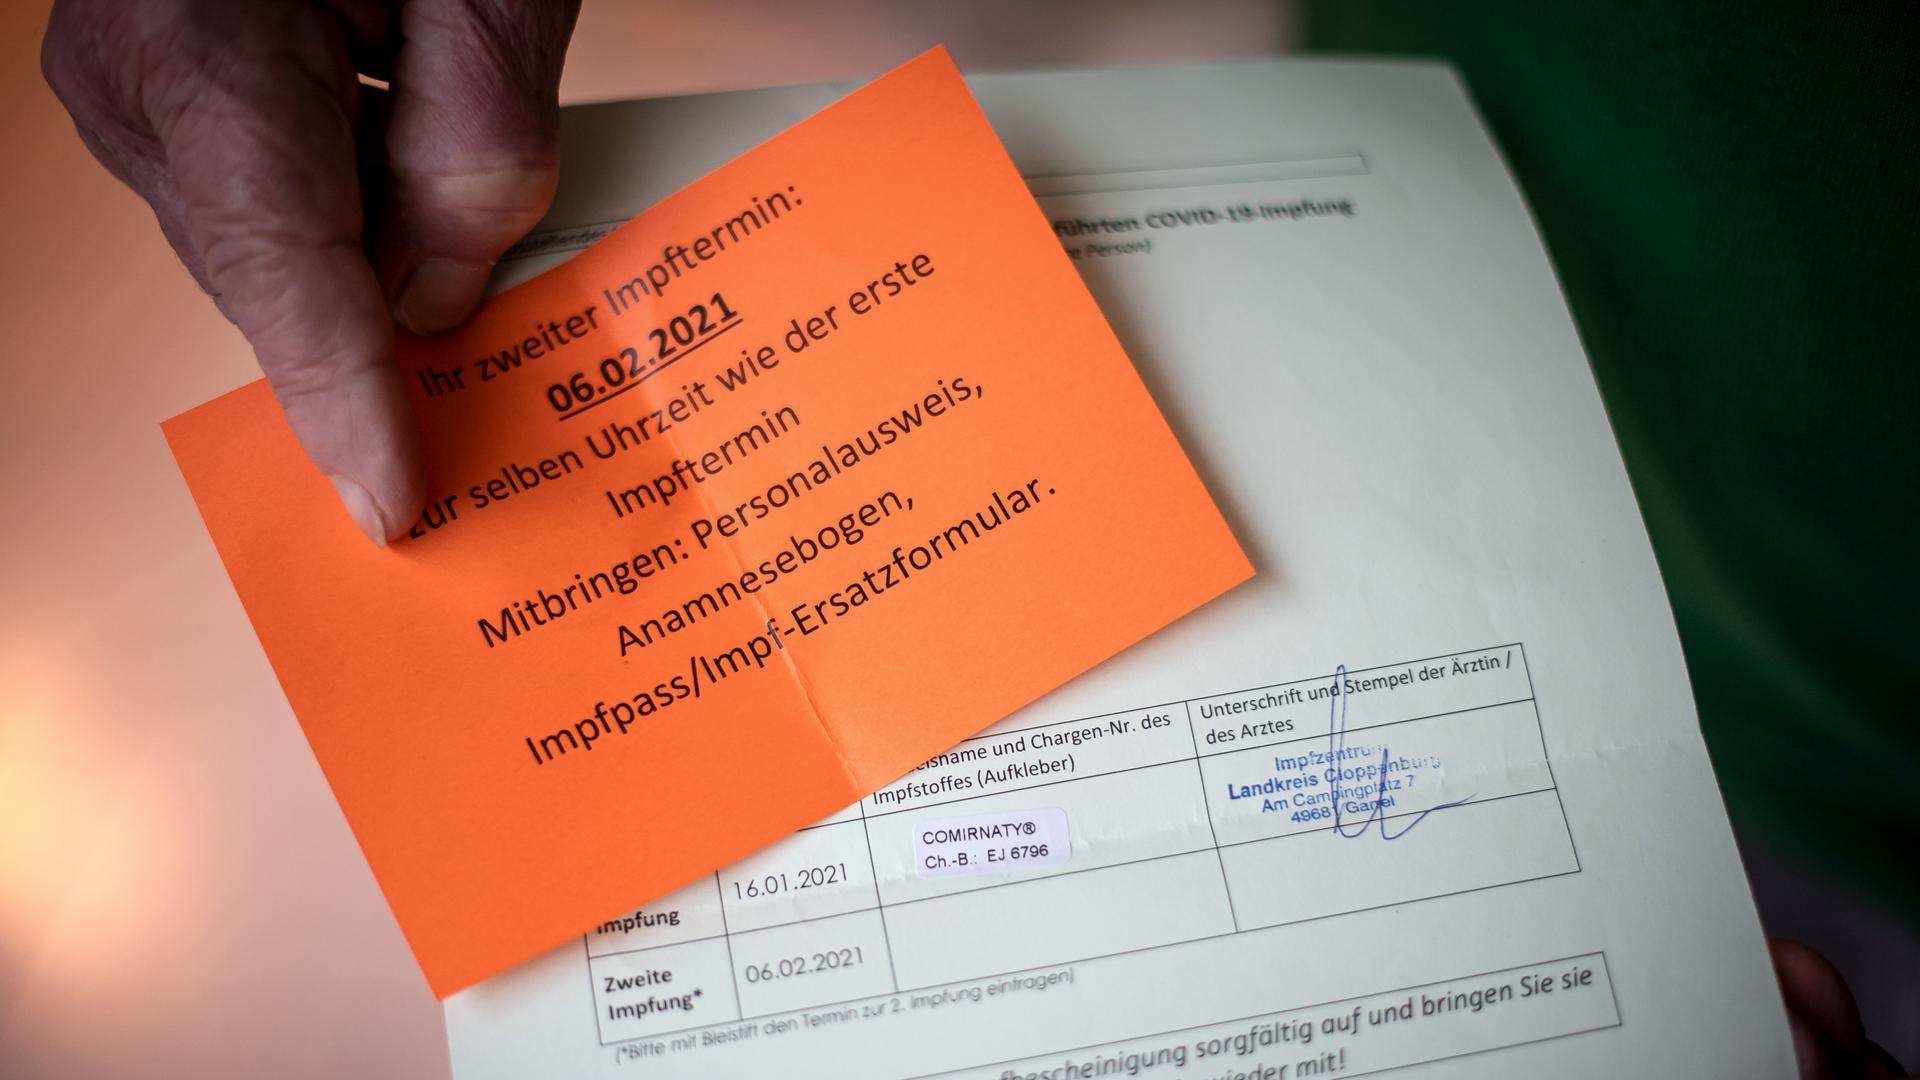 Alfred Stagge zeigt das Erinnerungsschreiben an den zweiten Impftermin. Weil die mobilen Impfteams im Landkreis Cloppenburg die Impfungen in den Alten- und Pflegeheimen so schnell abgeschlossen hatten, wurde in dem Ort Lastrup für einen Tag ein mobiles Impfzentrum für Nicht-Heimbewohner aufgebaut. Der 81-jährige Stagge war einer von knapp 350 Lastrupern, die die schützende Spritze erhielt. In anderen Regionen Niedersachsens sind noch nicht einmal alle Pflegeheim-Bewohner geimpft worden. +++ dpa-Bildfunk +++